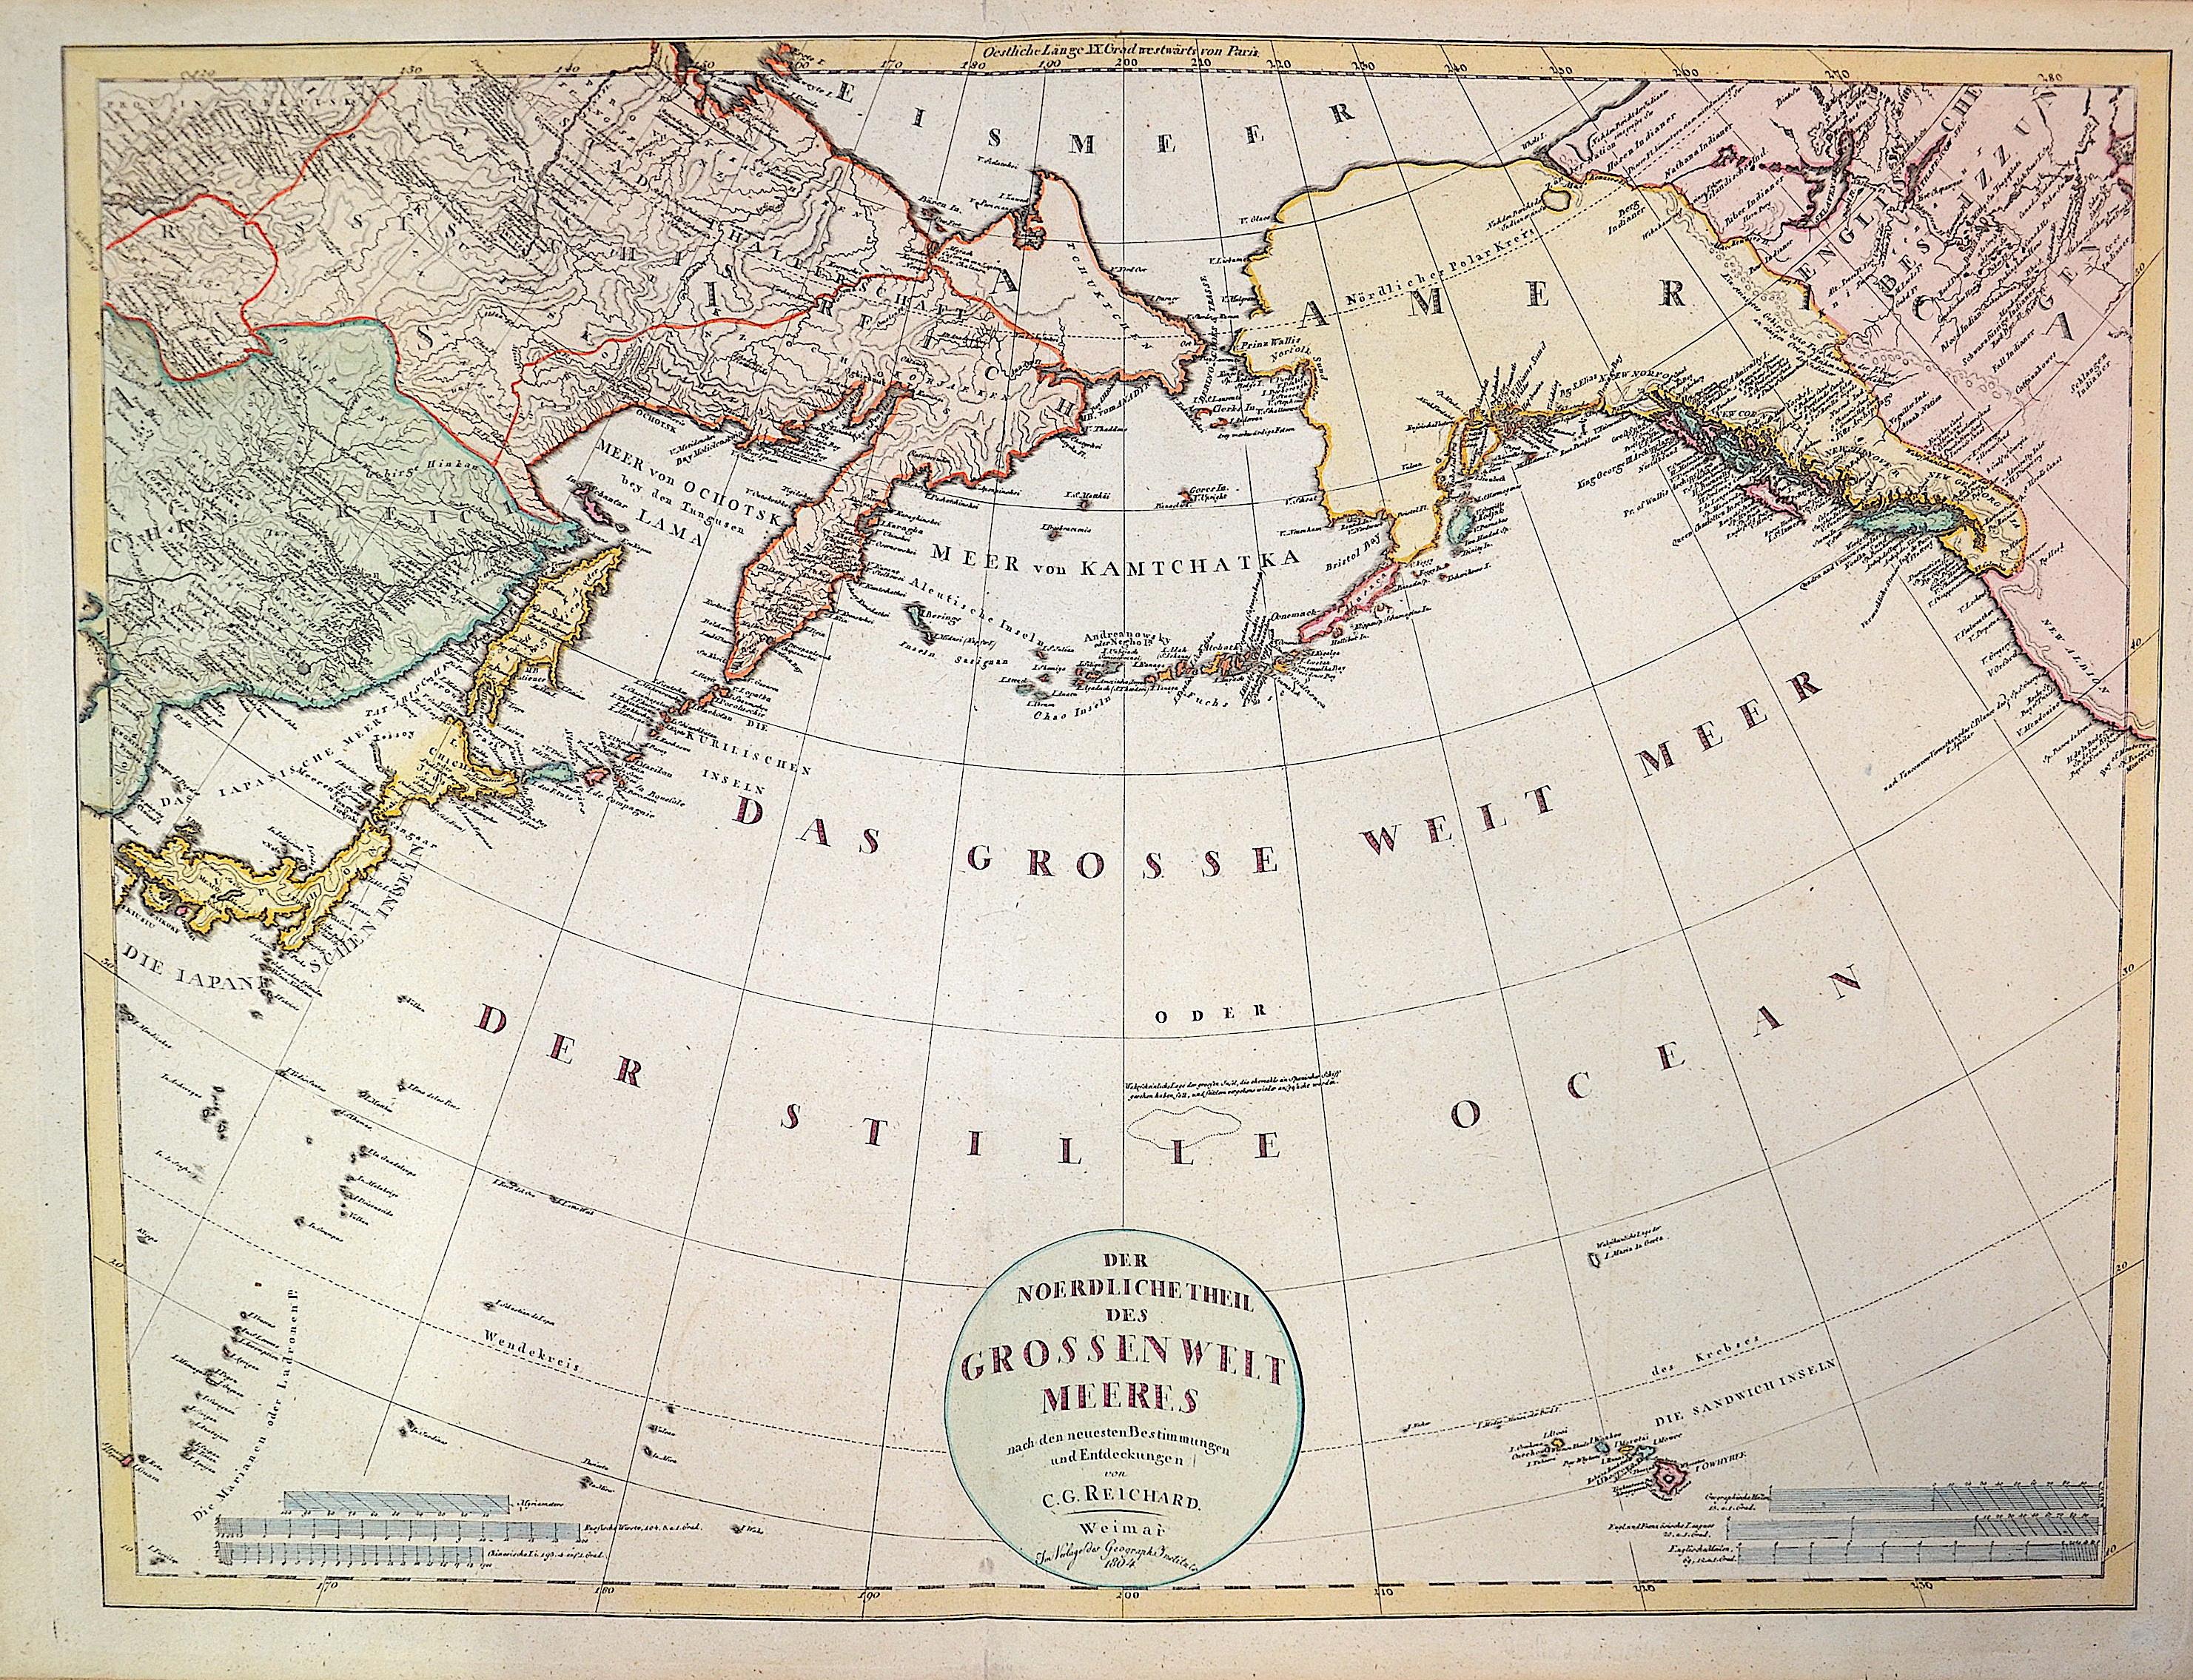 Reichard C.G. Der Noerdliche Theil des grossen Weltmeeres